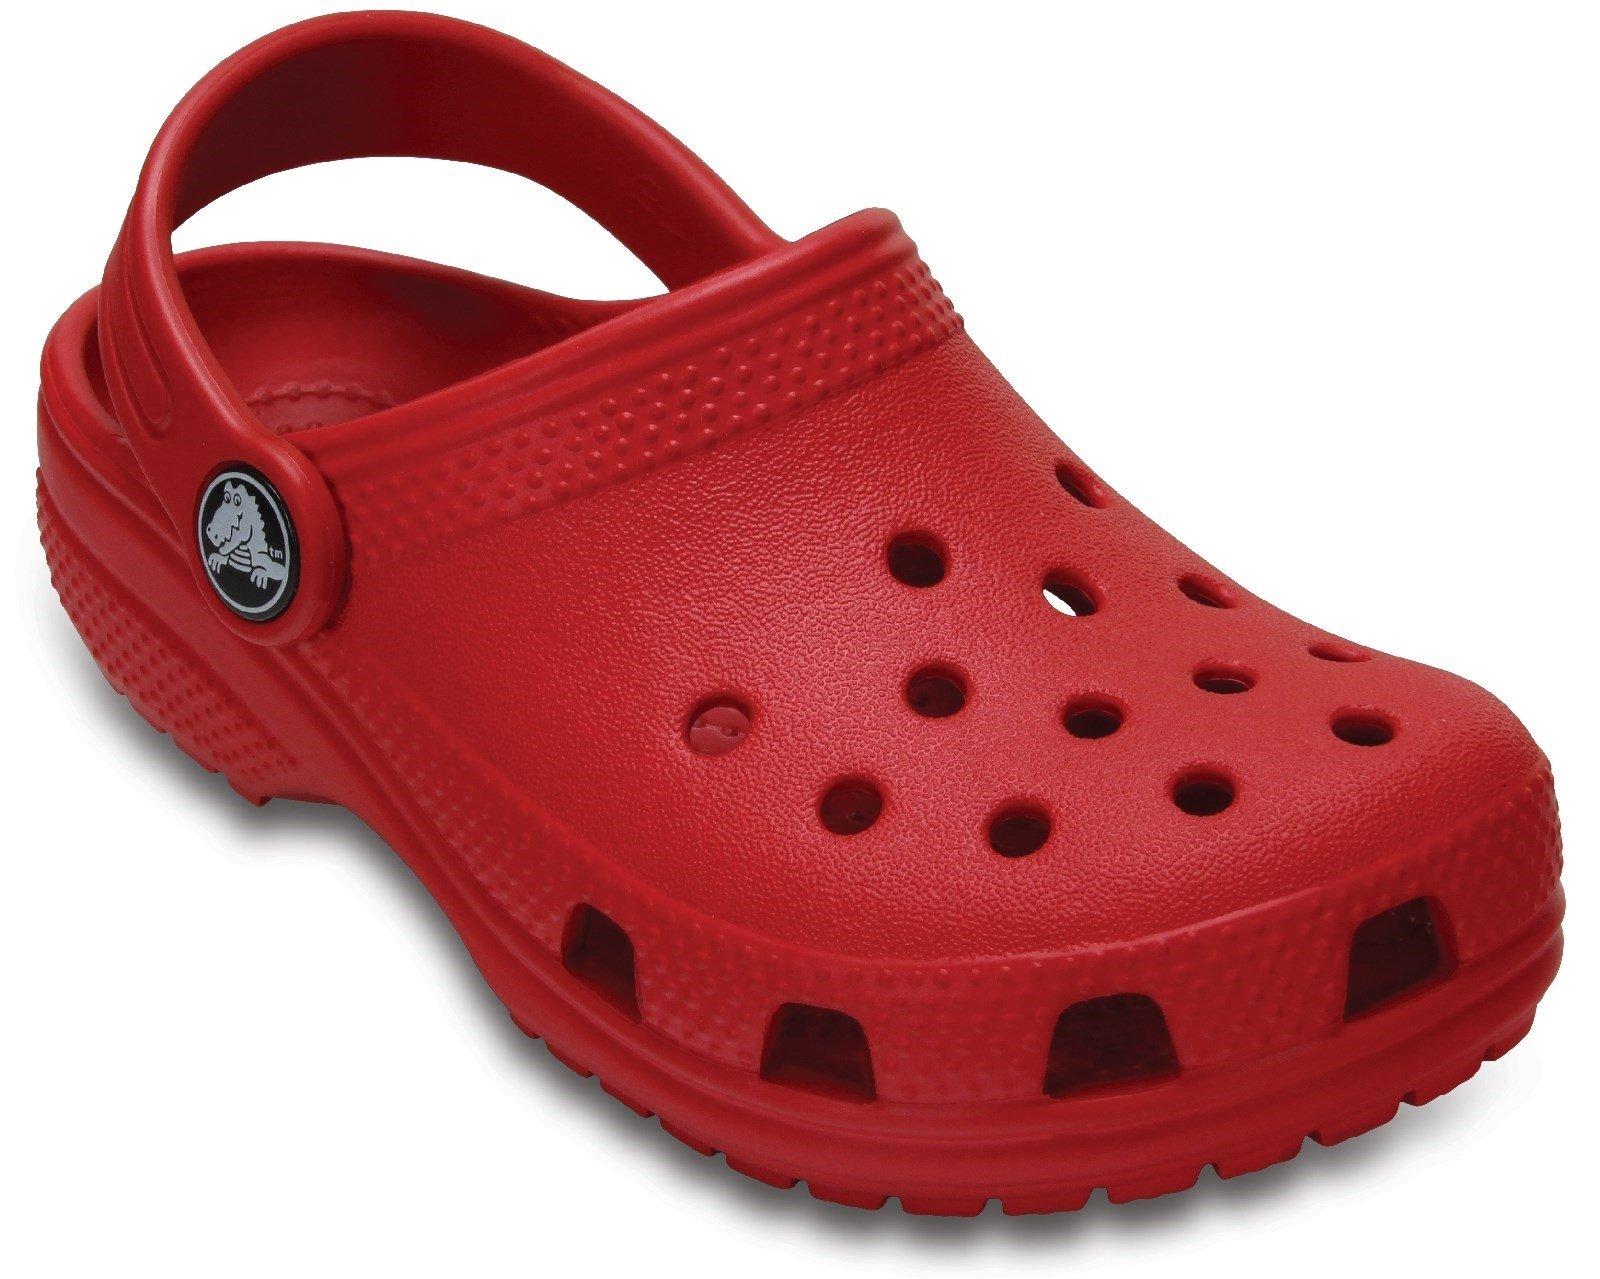 Crocs Kid's Classic Clog Slip On Sandal Various Colours 25239 - Pepper Red 4 UK